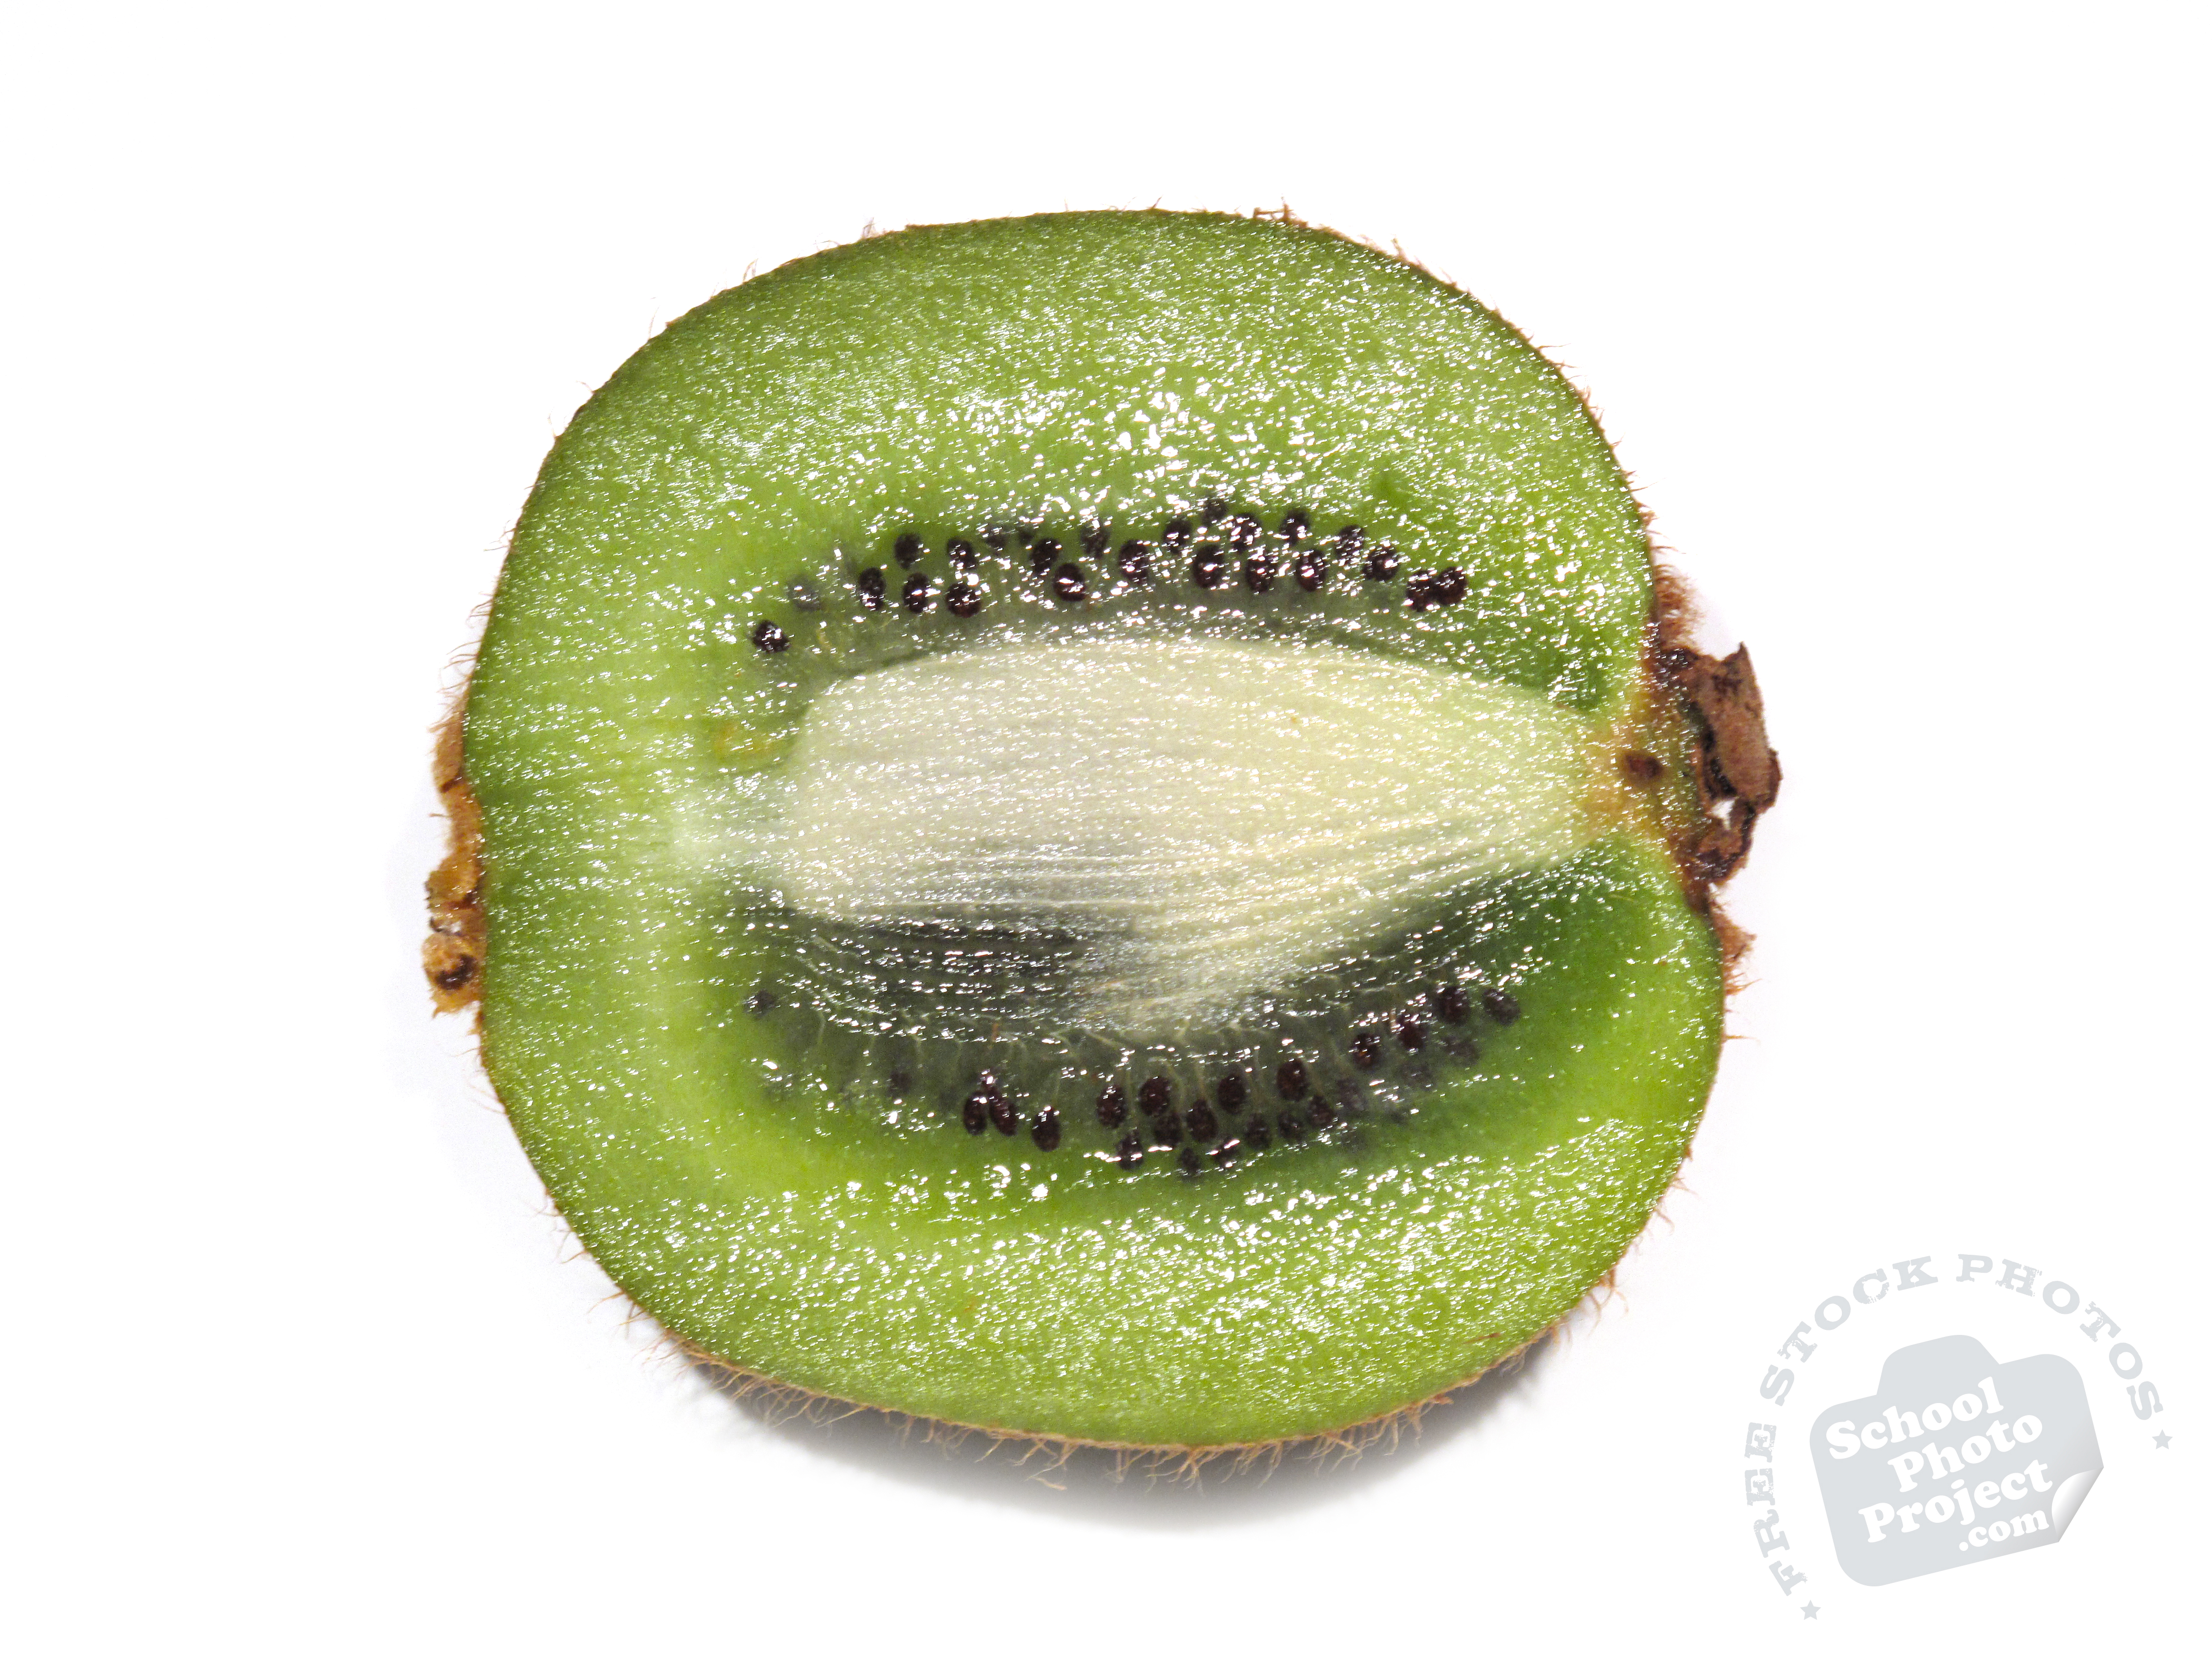 FREE Kiwifruit Photo, Cut Kiwi Fruit Picture, Royalty-Free ...